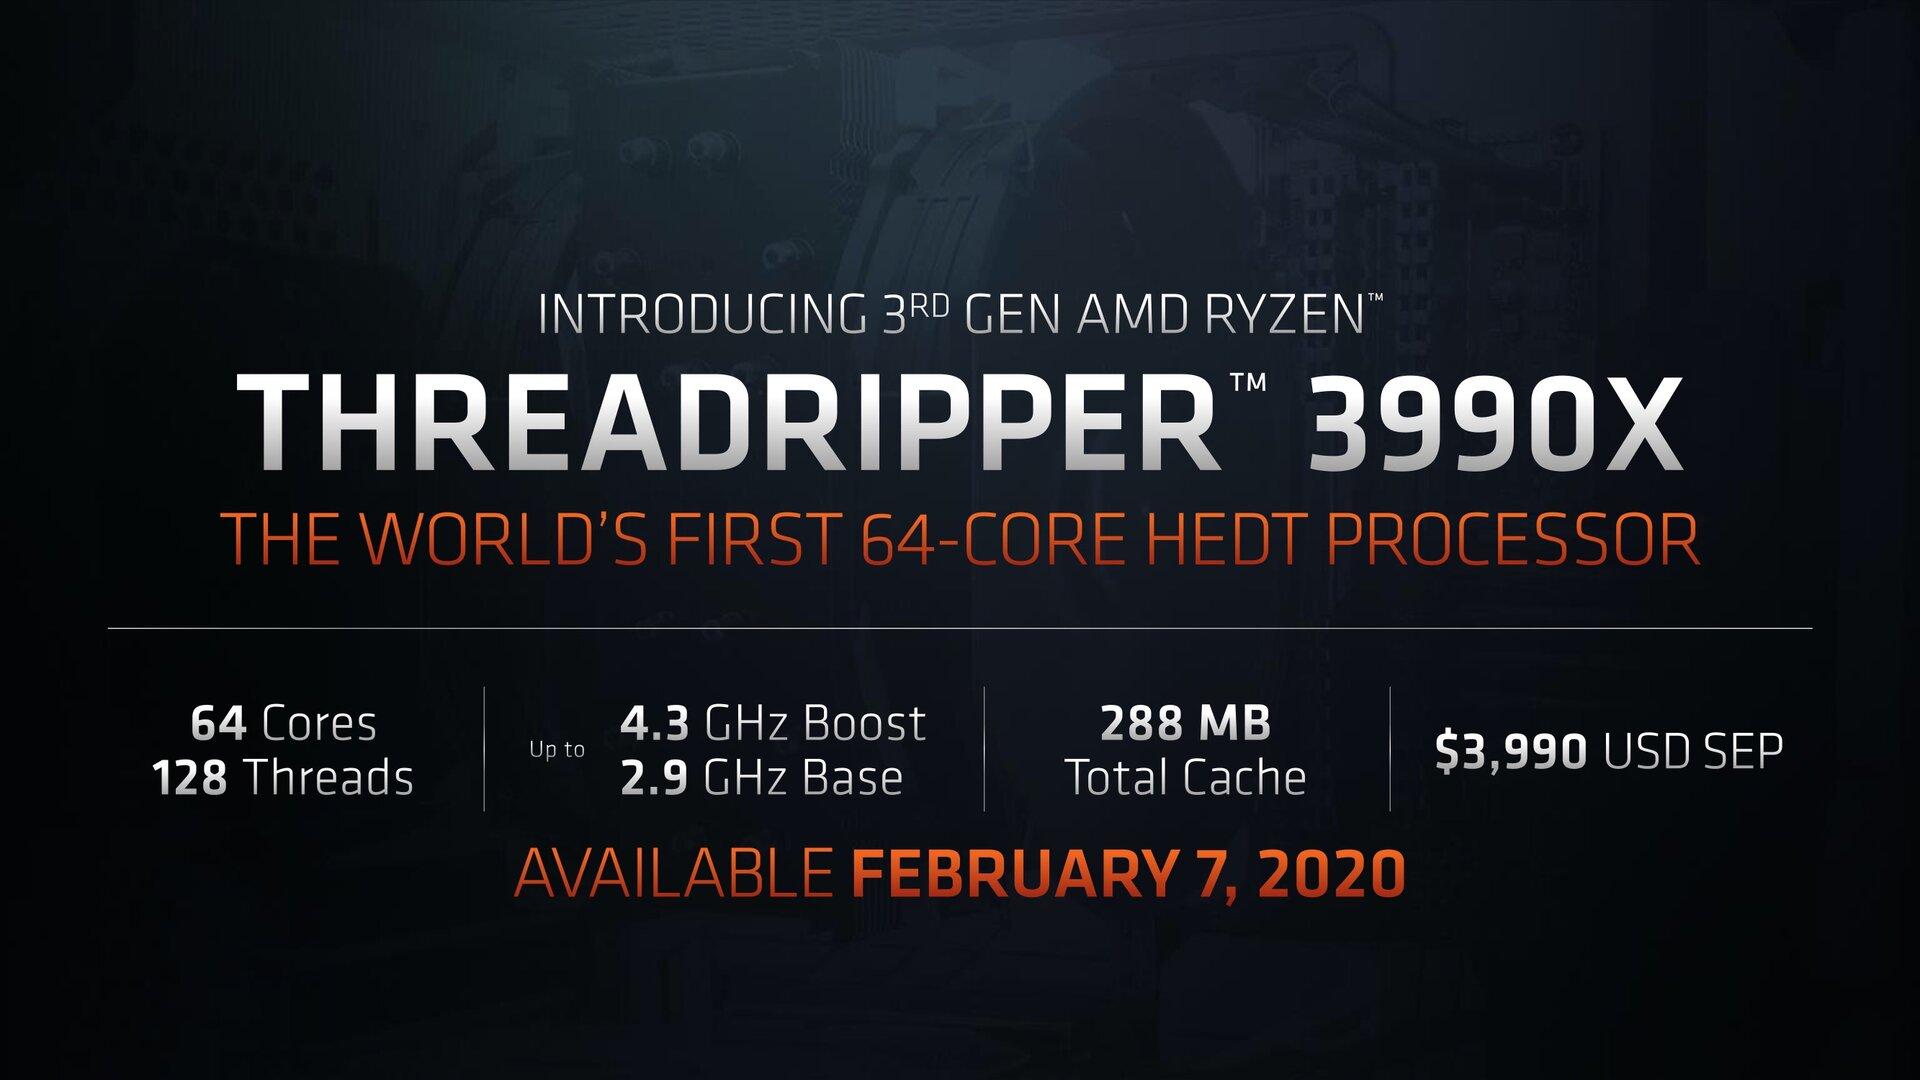 Threadripper 3990X: Ab 7. Februar für 3990 US-Dollar